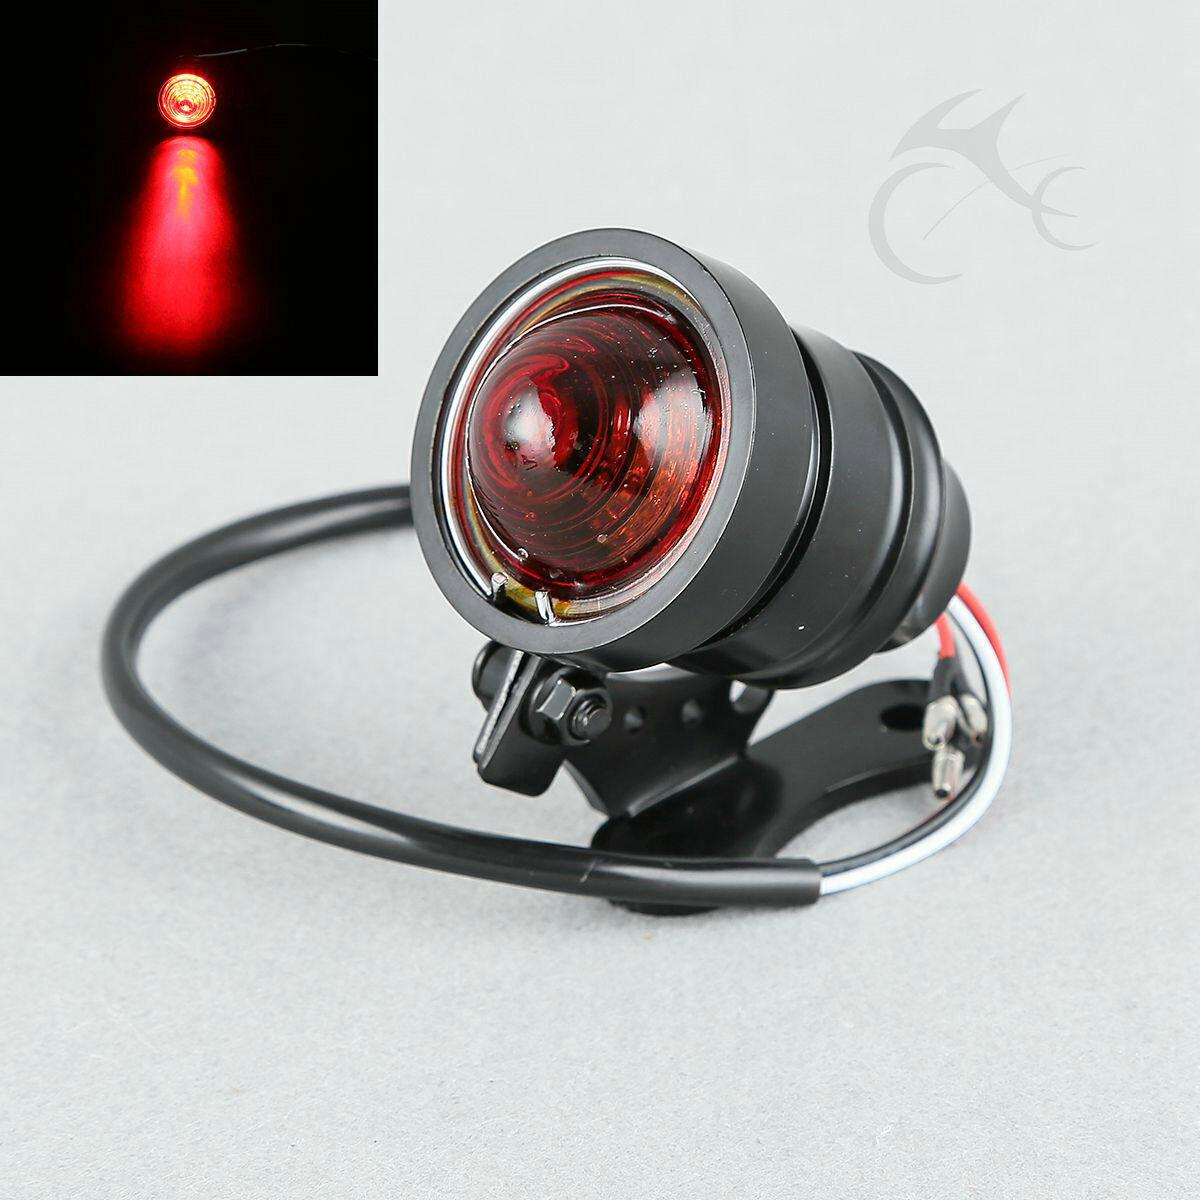 Chrome Ring Black LED Brake Tail Light For Motorcycle Chopper Bobber Cafe Racer